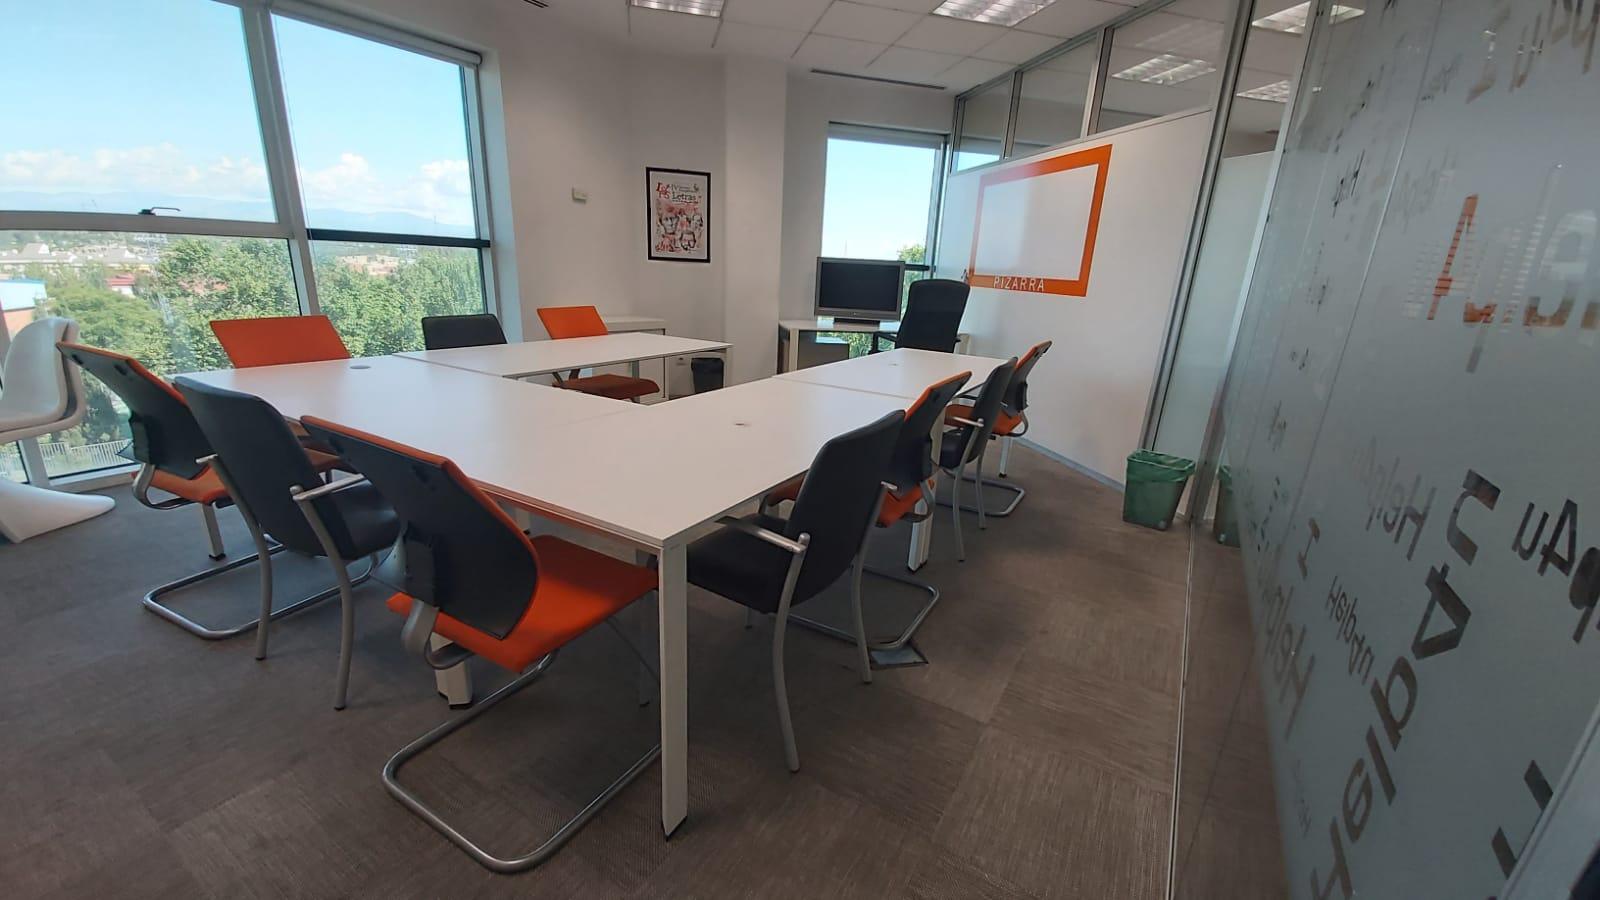 Sala canarias  - Salas de reunión en centro de negocios